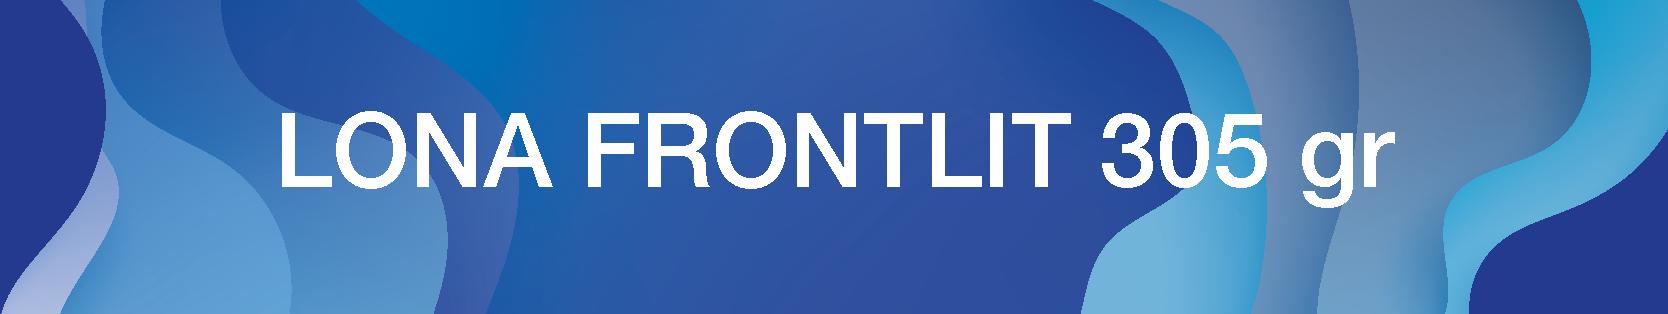 LONA FRONTLIT 305 GR-05.png